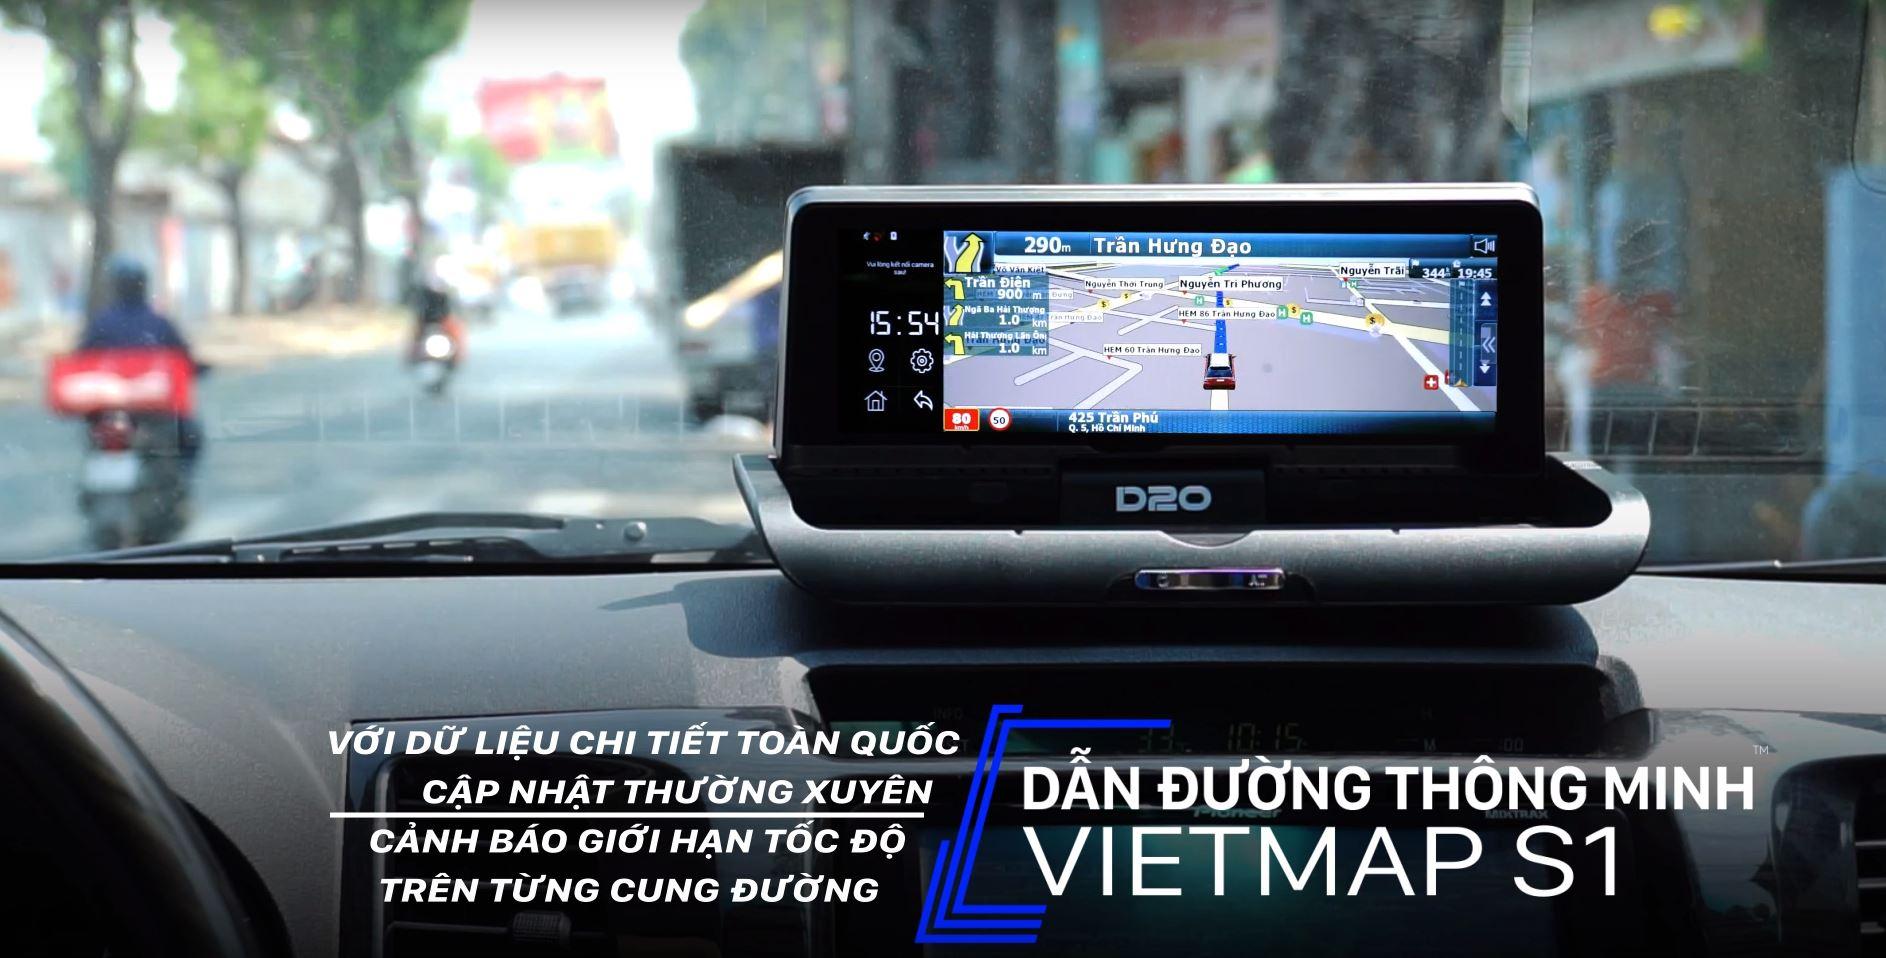 Camera hành trình Vietmap D20 đặt Taplo 2 mắt - Kiêm Dẫn đường - Định vị gps-96